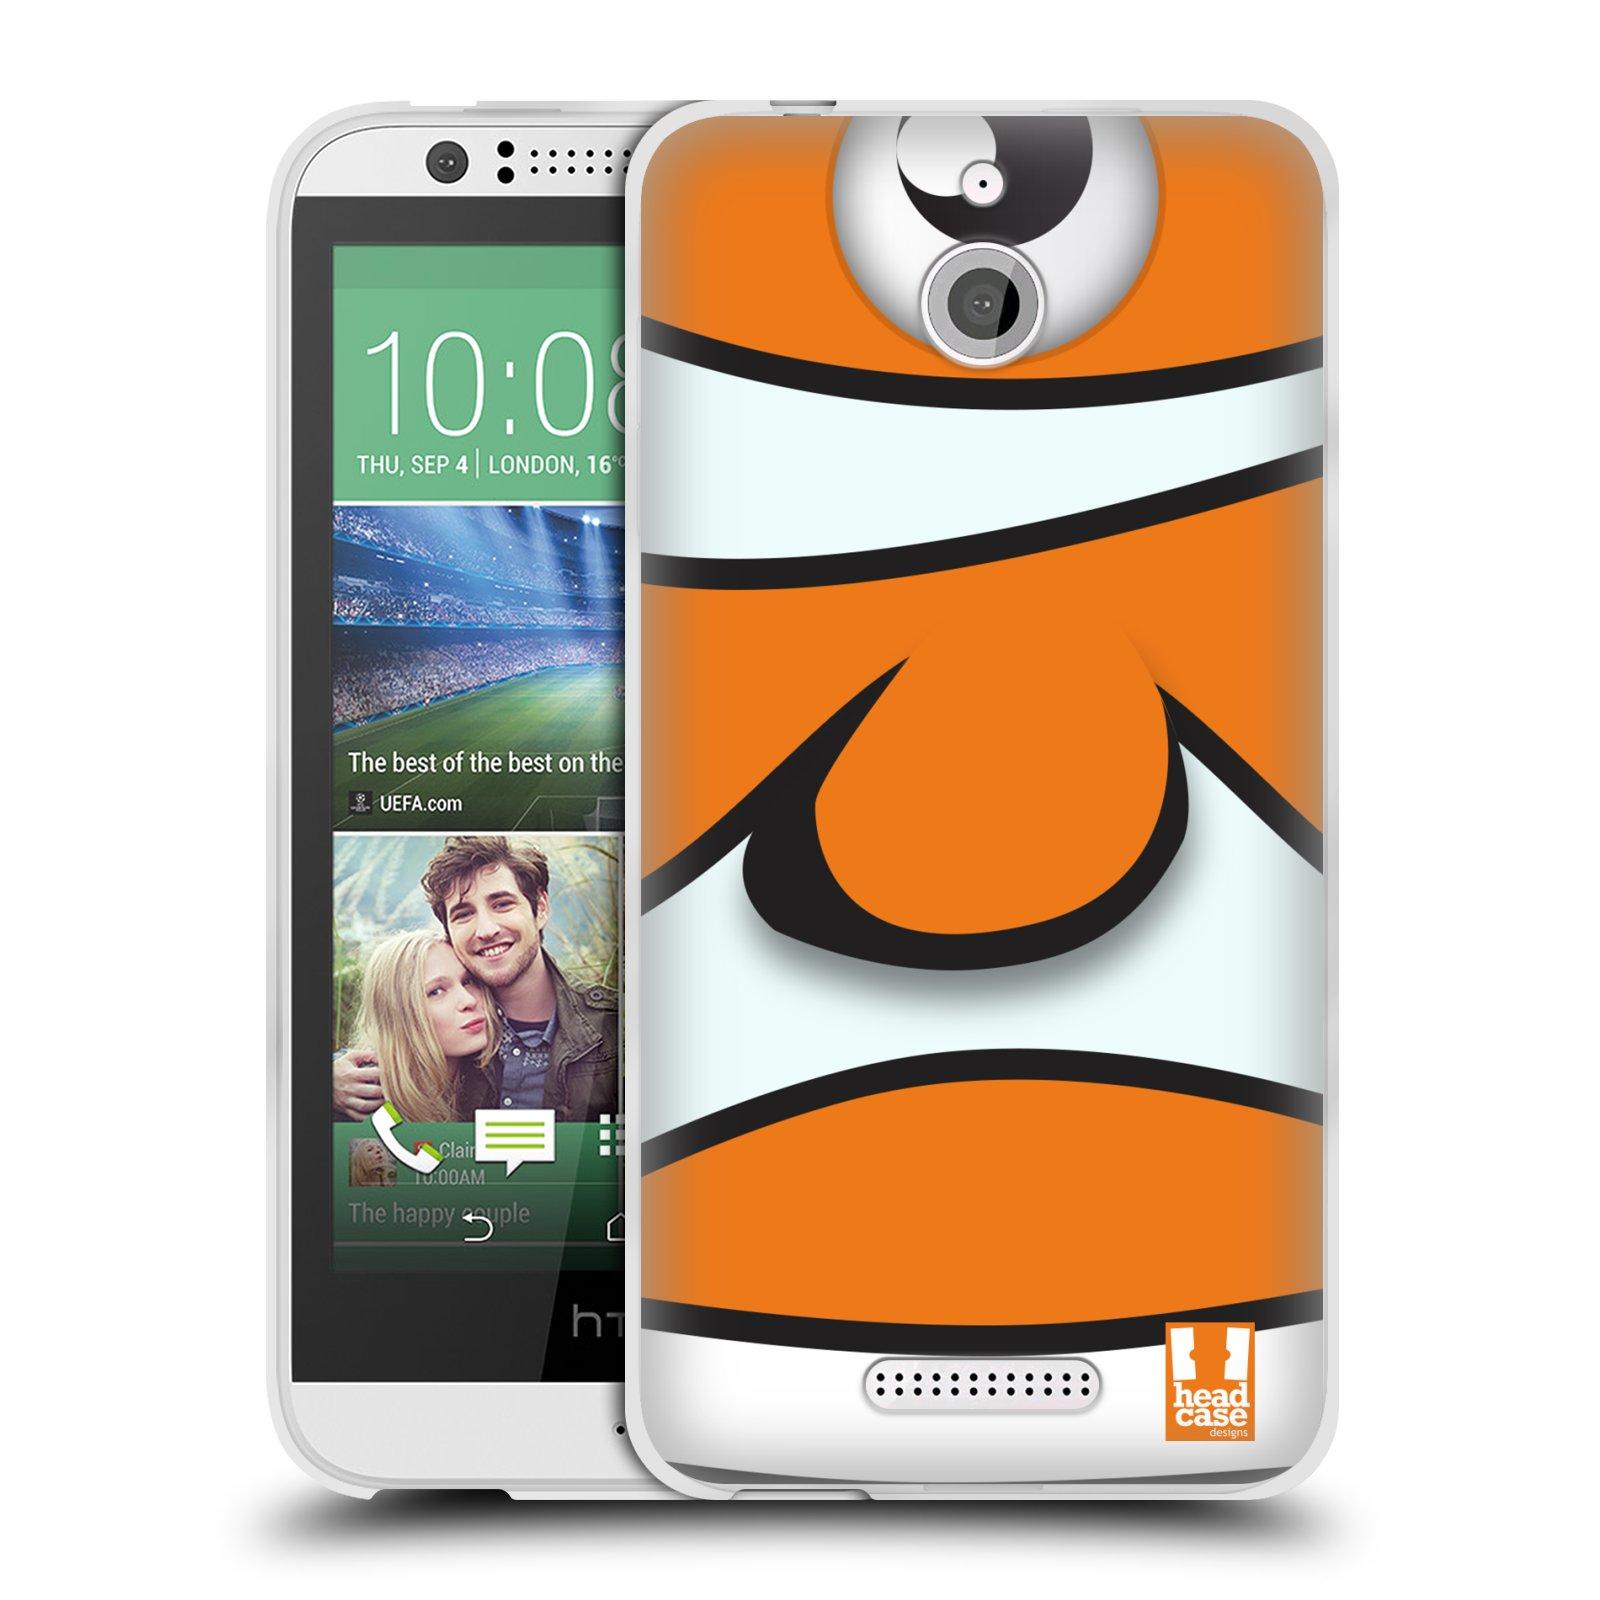 HEAD CASE silikonový obal HTC DESIRE 510 vzor Rybičky z profilu klaun oranžová NEMO